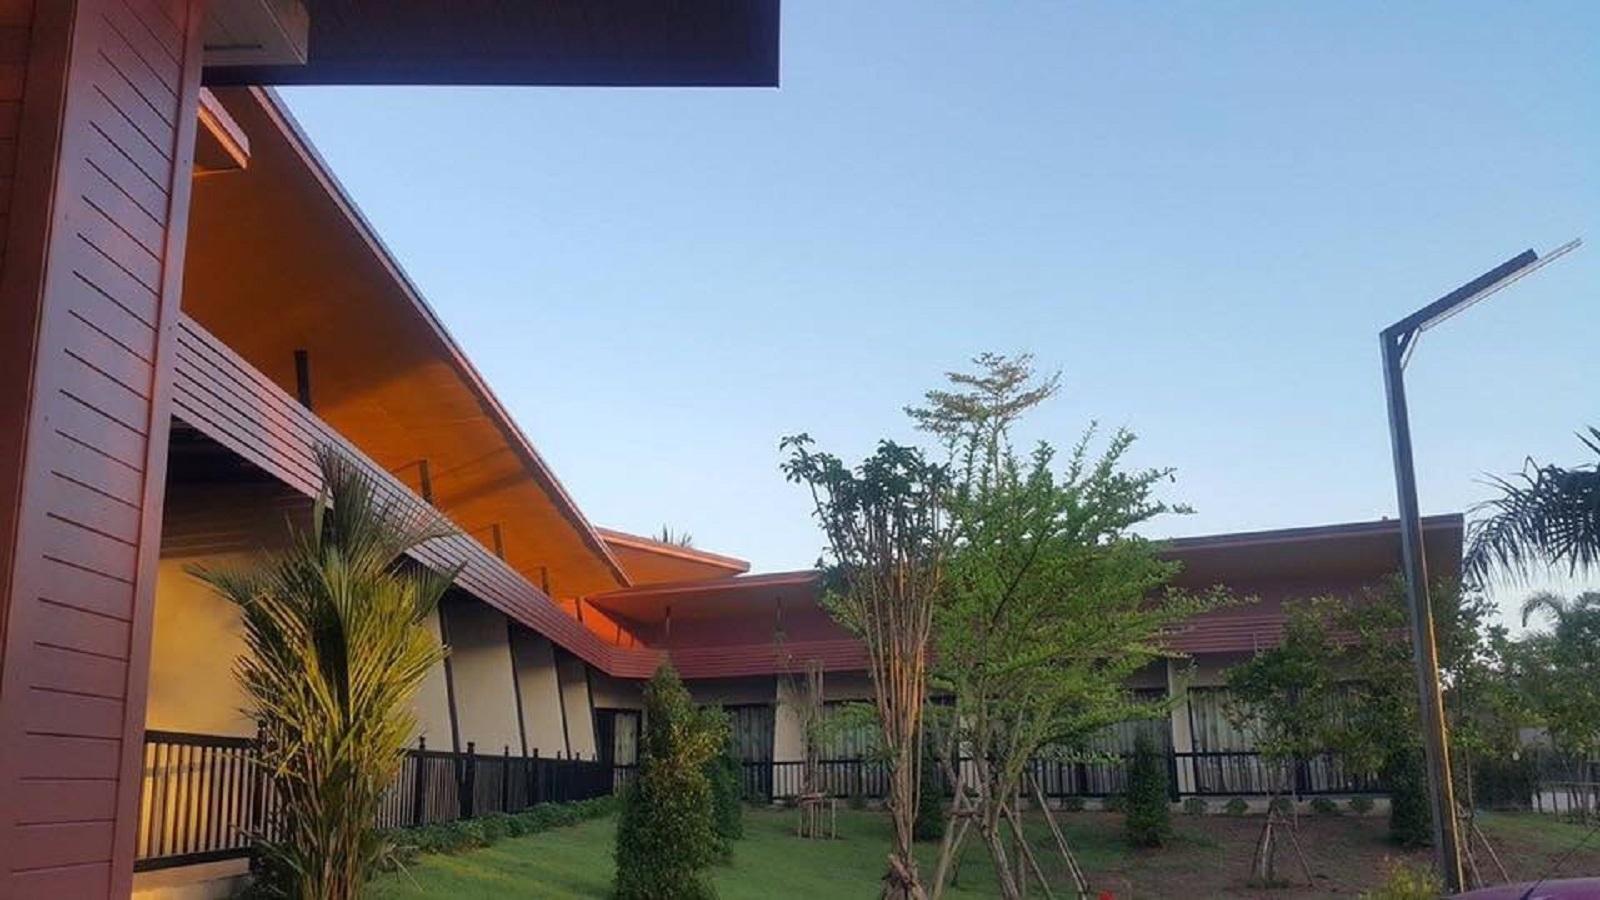 Wuttichoke Hotel Namsom, Nam Som